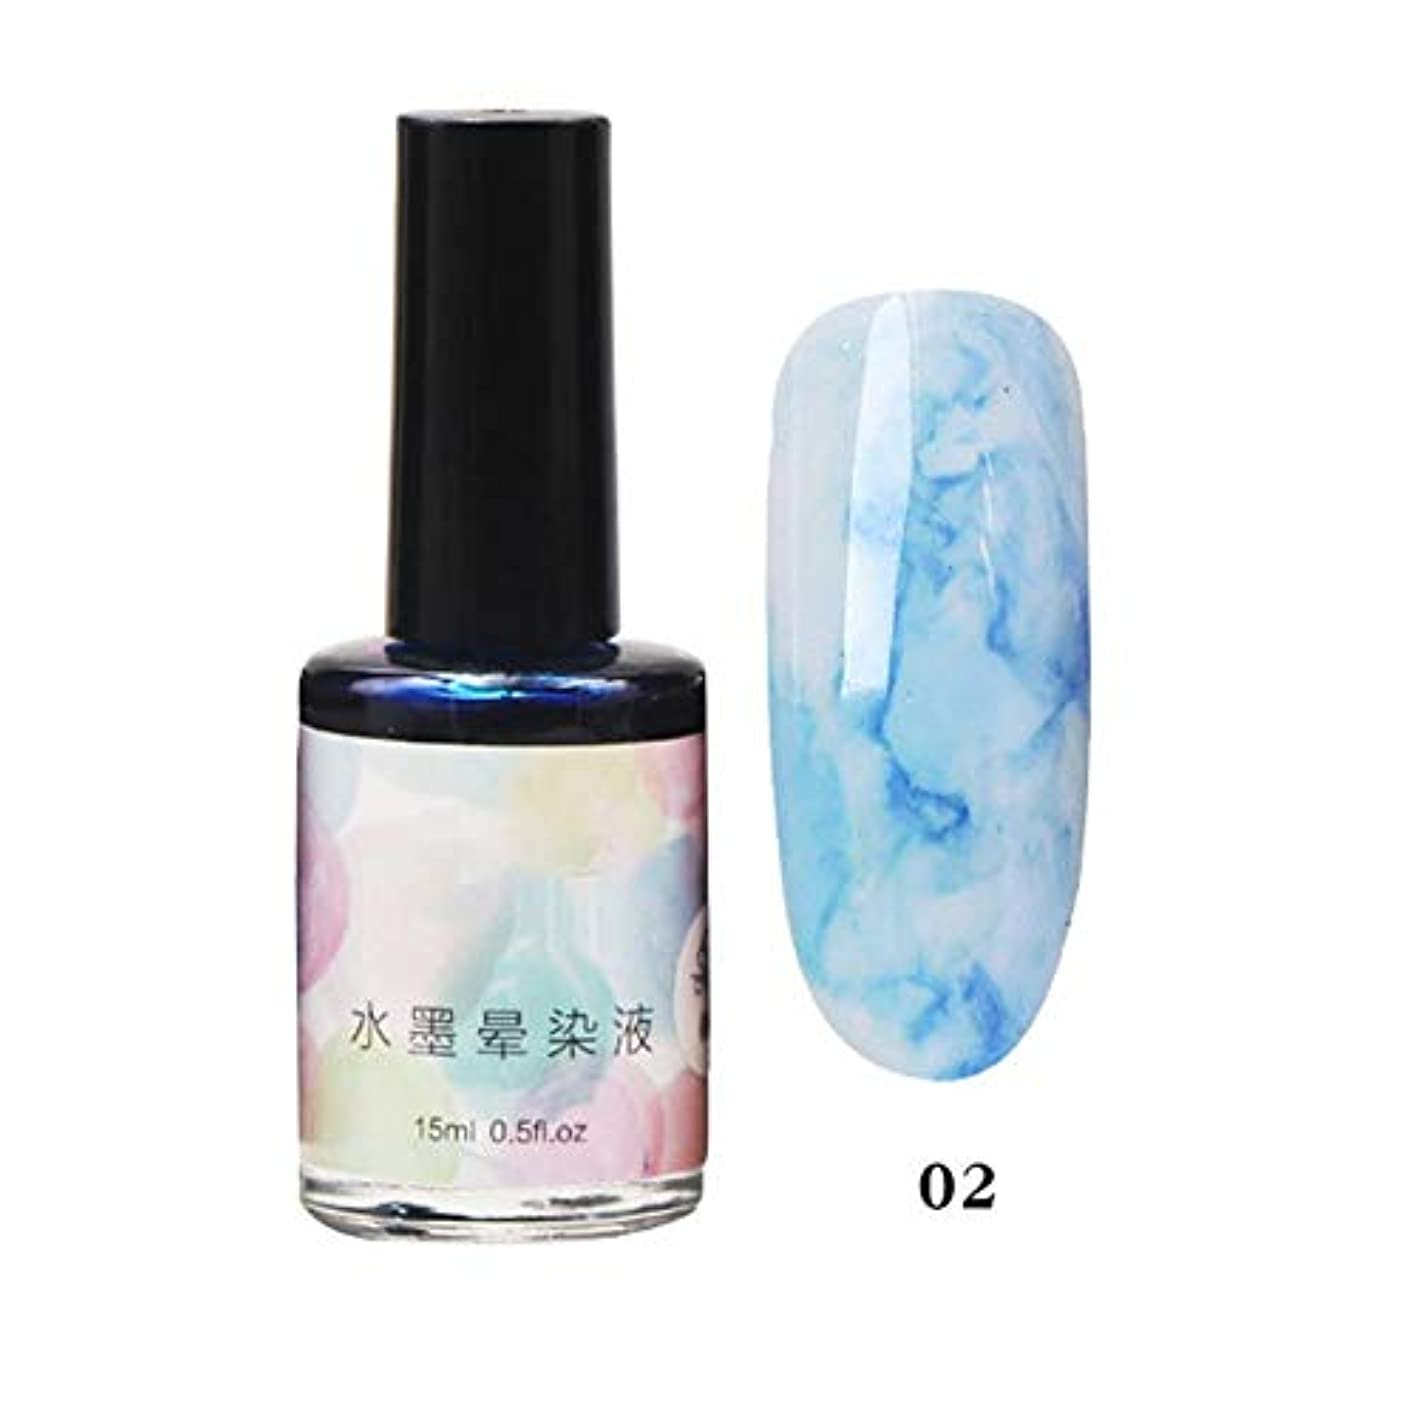 読みやすさ引き付けるマトリックス11色選べる ネイルポリッシュ マニキュア ネイルアート 美しい 水墨柄 ネイルカラー 液体 爪に塗って乾かす 初心者でも簡単に使用できる junexi